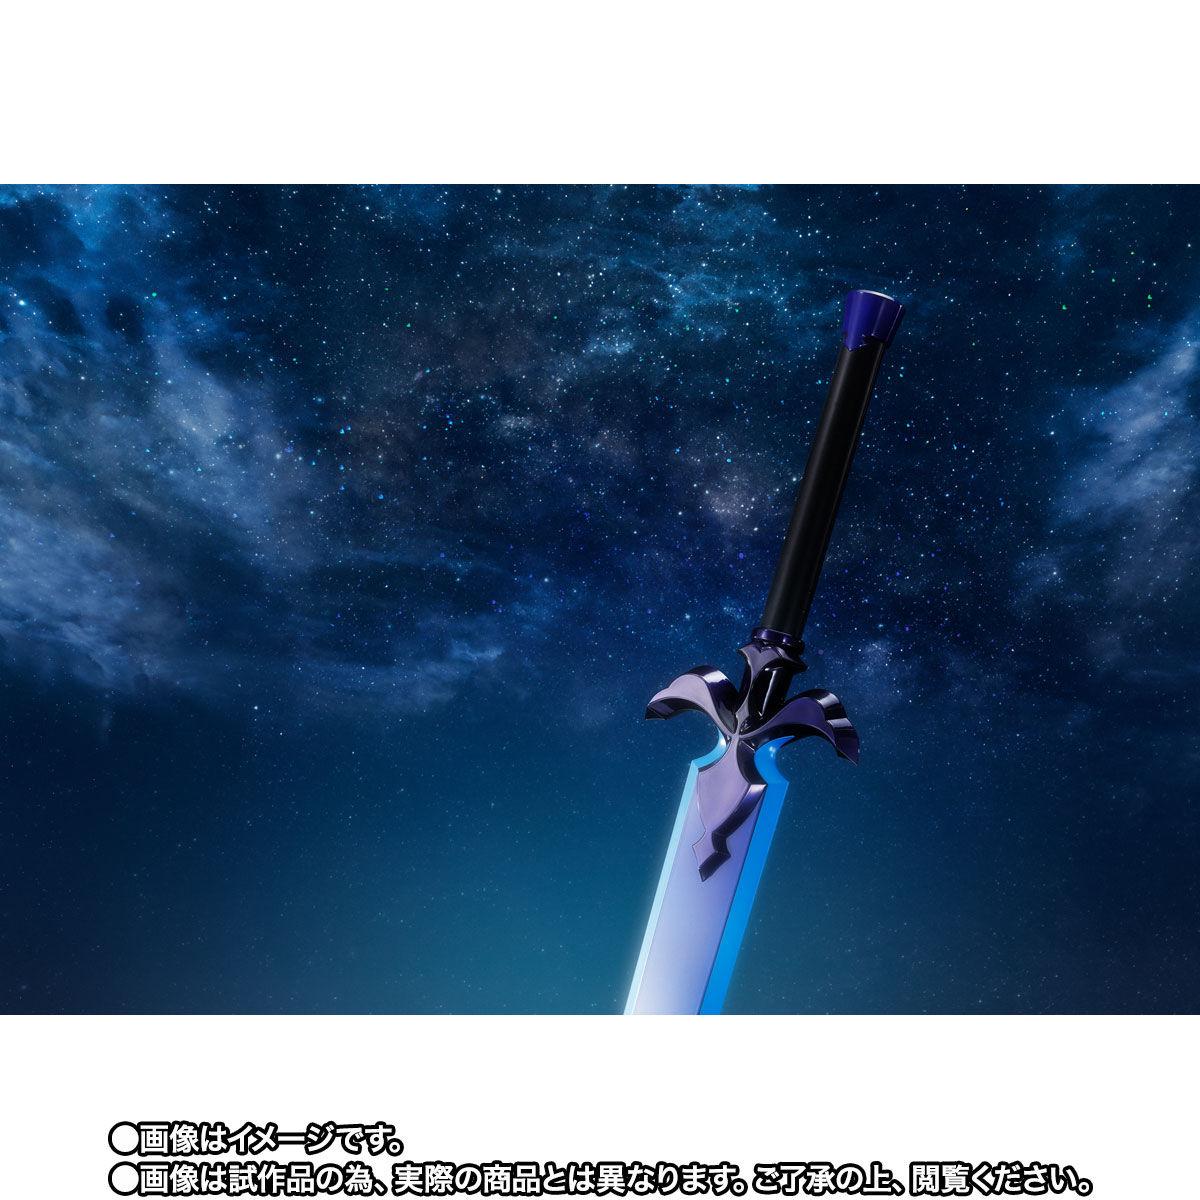 【限定販売】PROPLICA 『夜空の剣』ソードアート・オンライン 変身なりきり-003